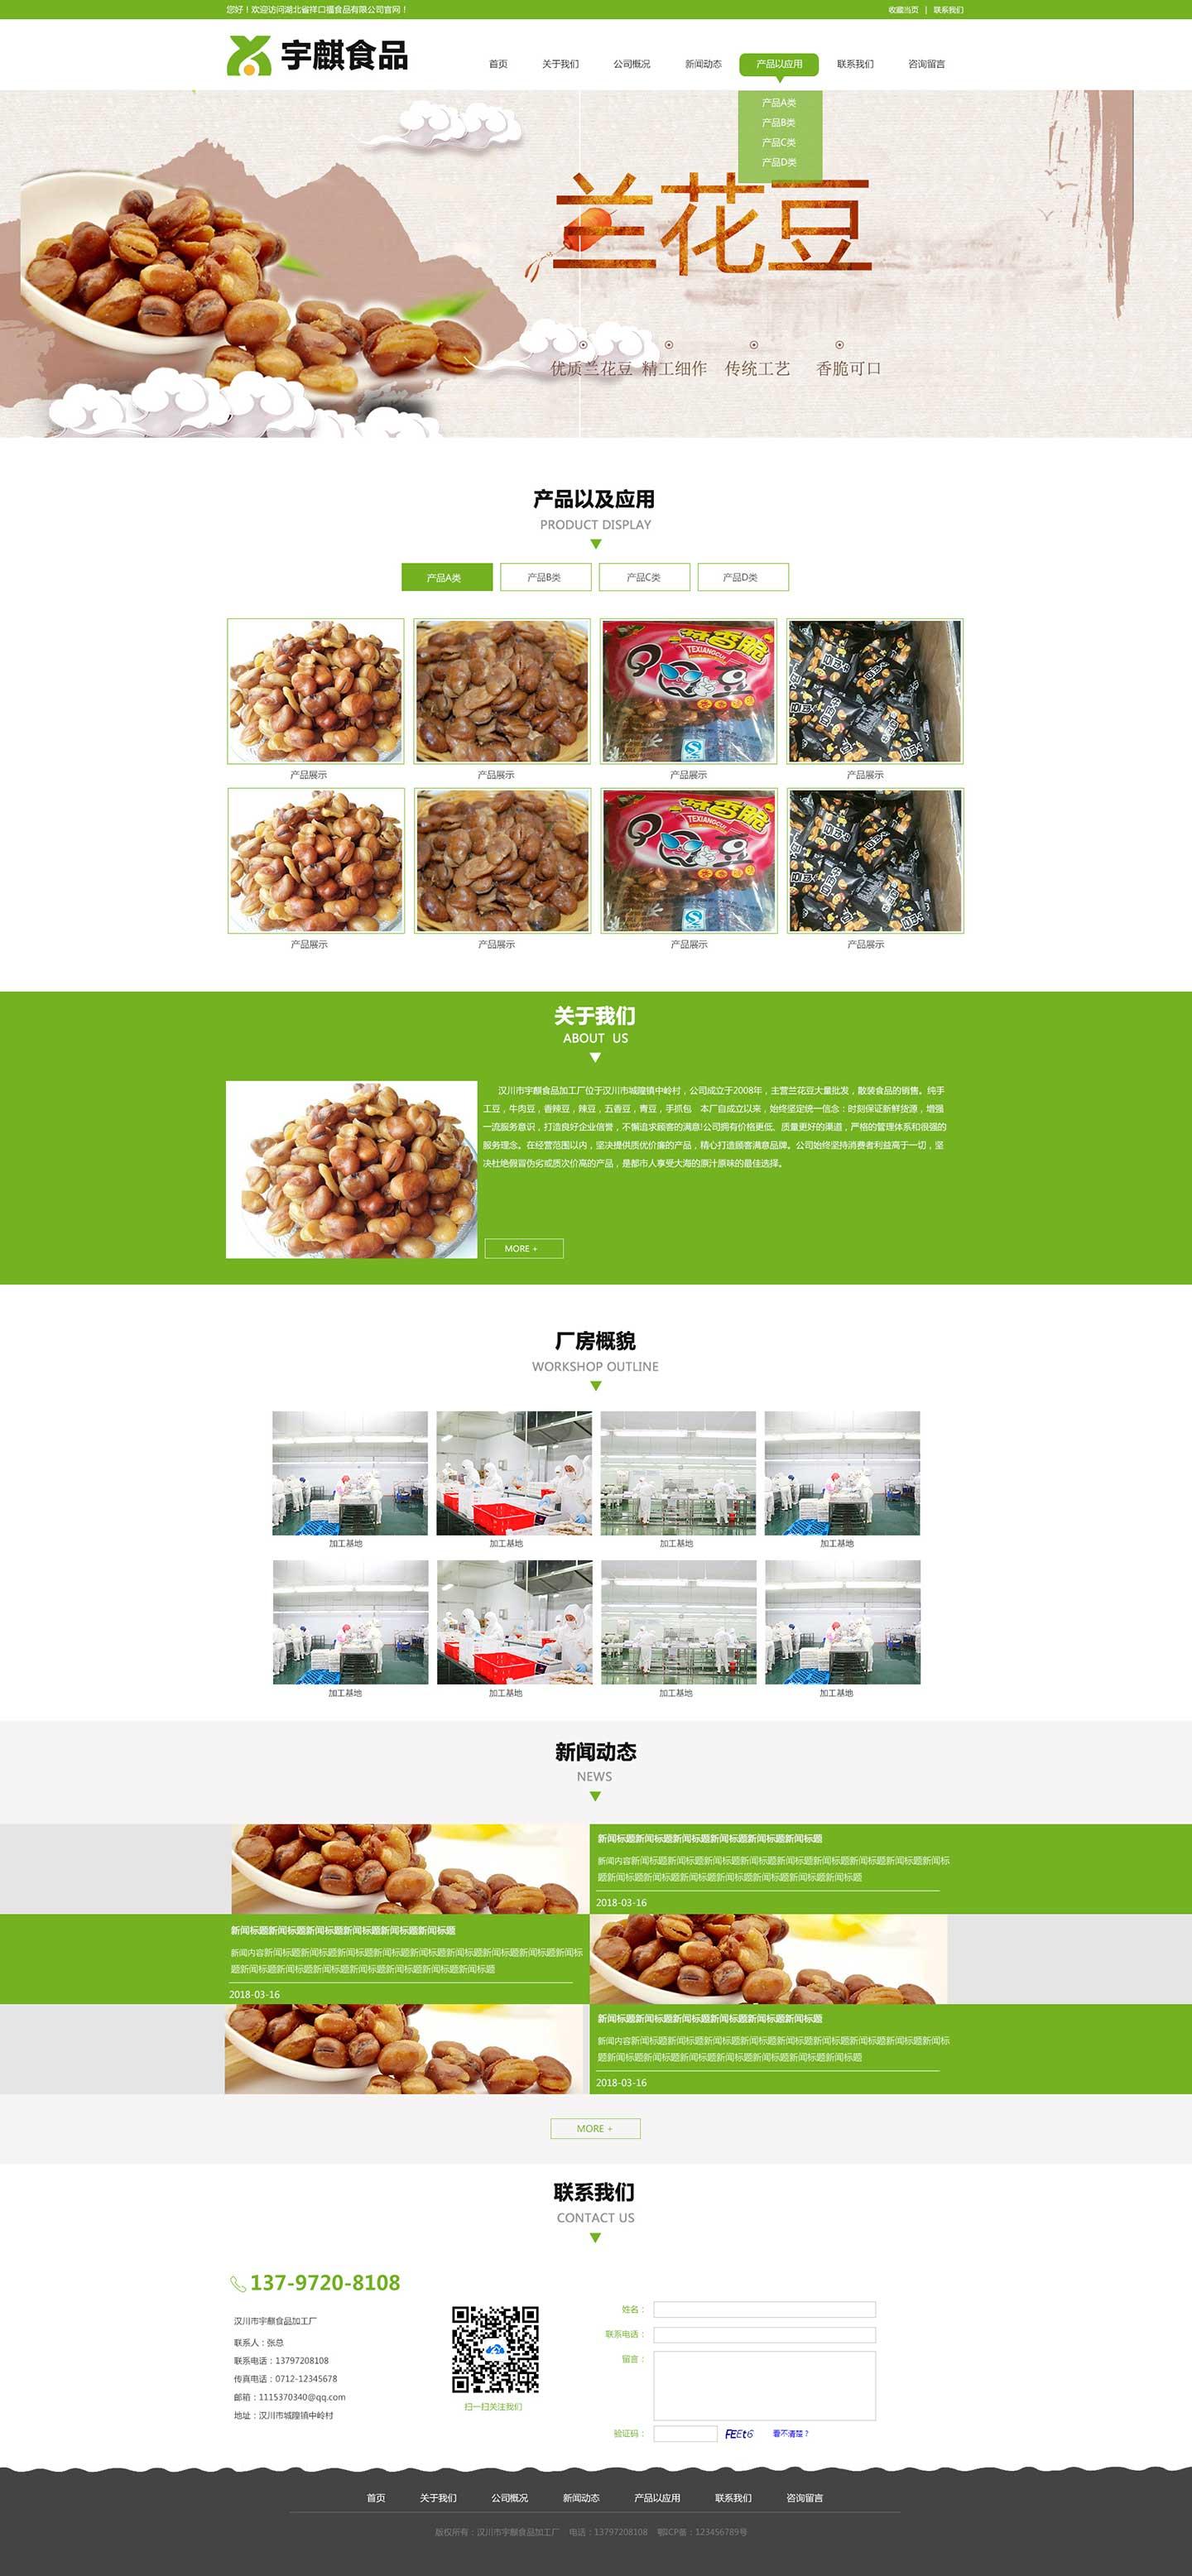 汉川市宇麒食品